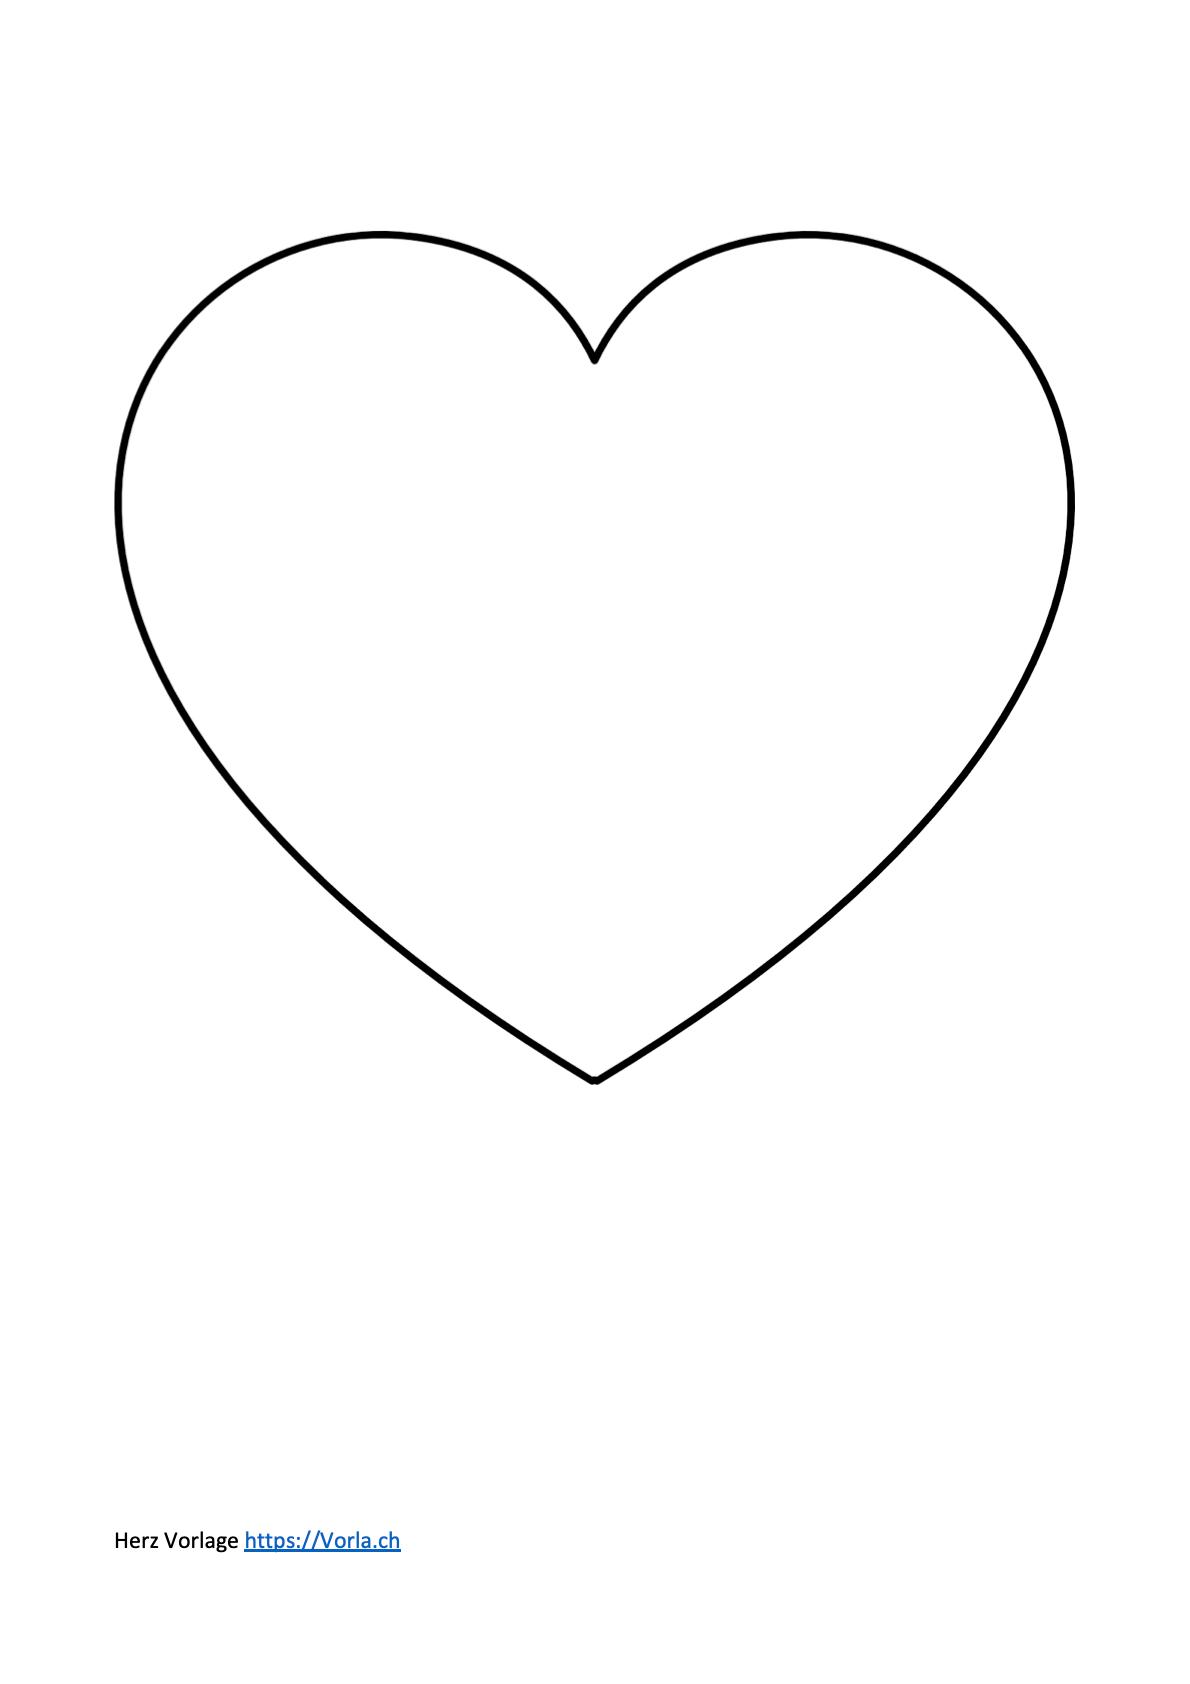 Herz Vorlage Klein Zum Ausdrucken : vorlage, klein, ausdrucken, Vorlage, Symbol, Liebe, Ausdrucken, Vorla.ch